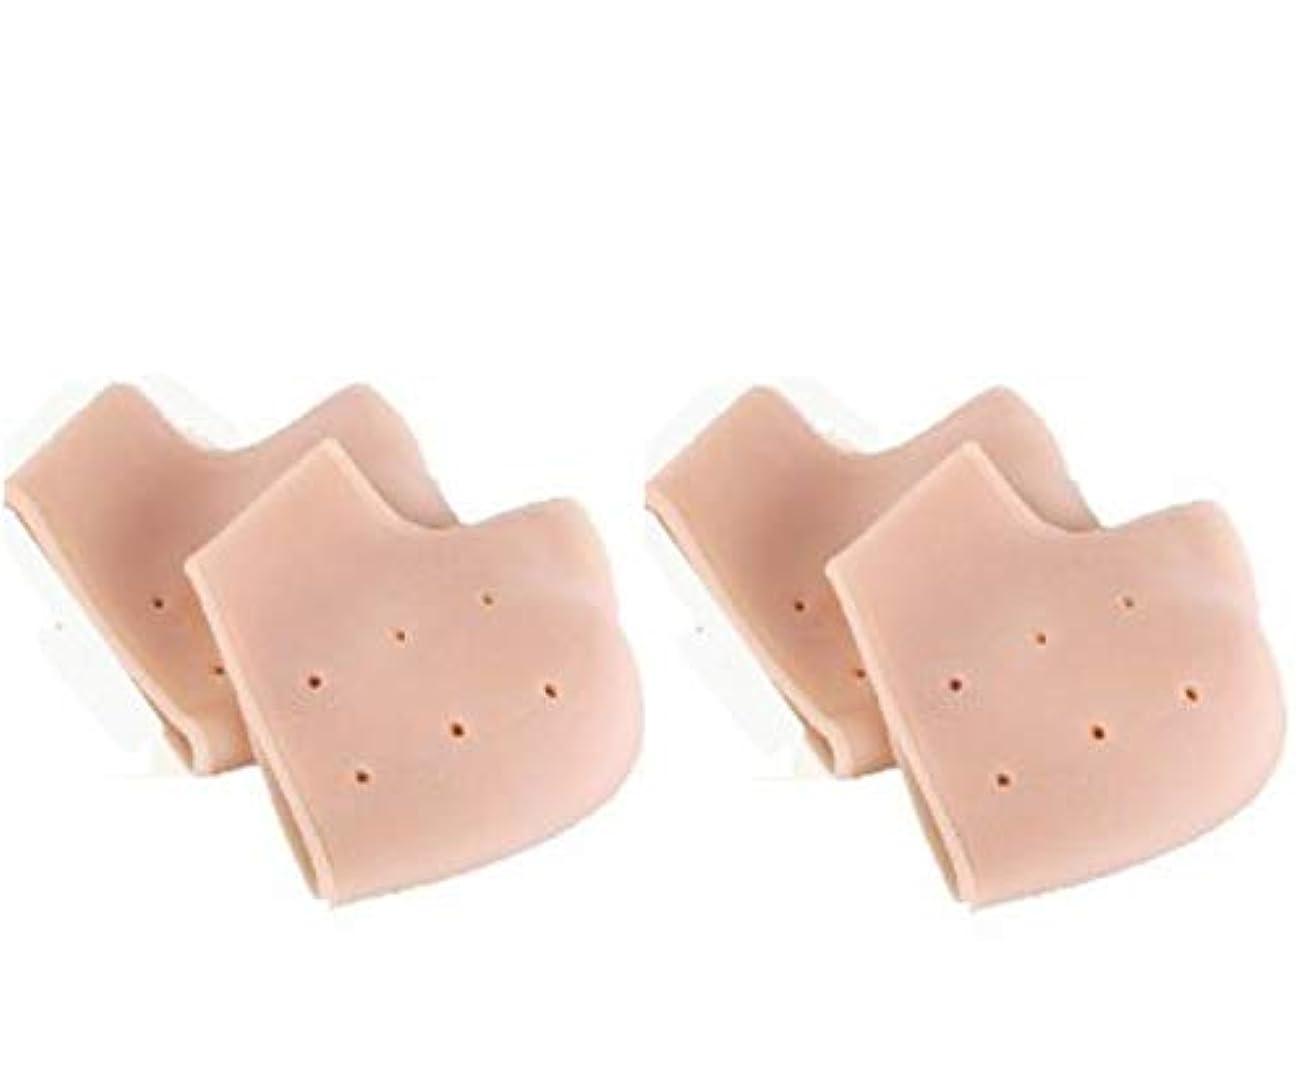 極貧便利さテセウスかかと サポーター 保護 ヒビ割れ対策 保湿 靴下 ワセリン クッション シリコン インソール 4個 ケア